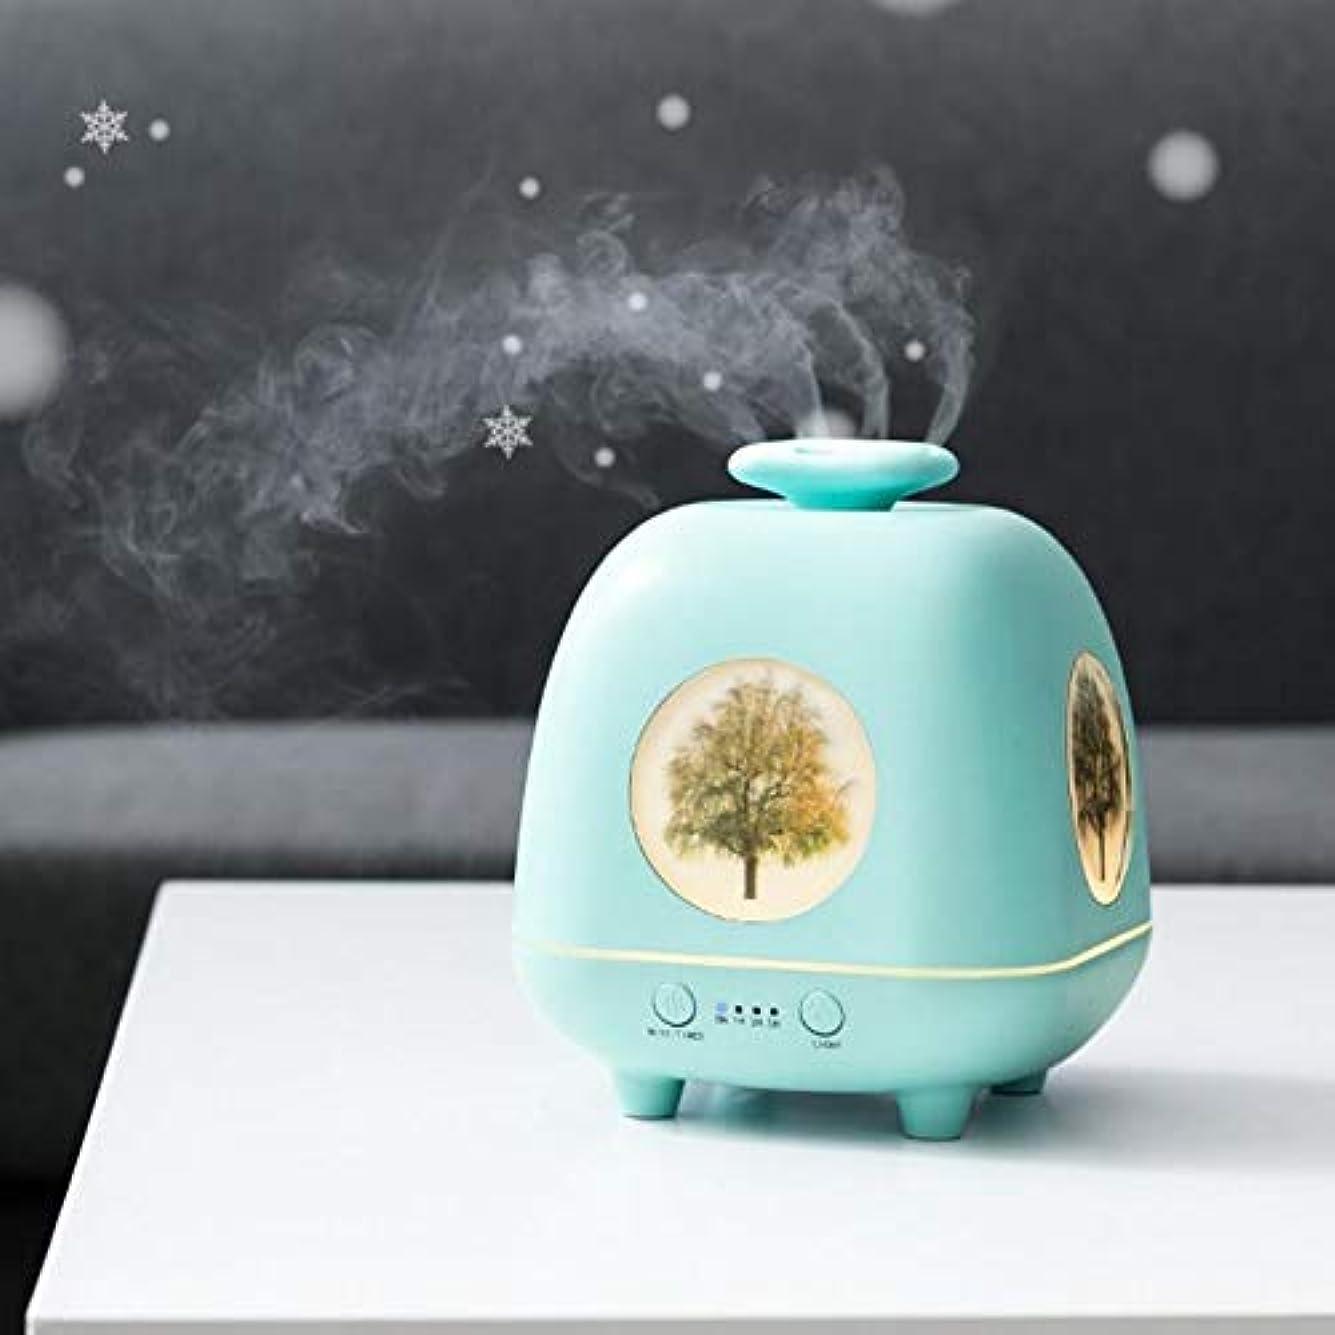 放つシュリンク自分を引き上げる涼しい霧 香り 精油 ディフューザー,7 色 空気を浄化 4穴ノズル 加湿器 時間 加湿機 ホーム Yoga デスク オフィス ベッド-青 230ml